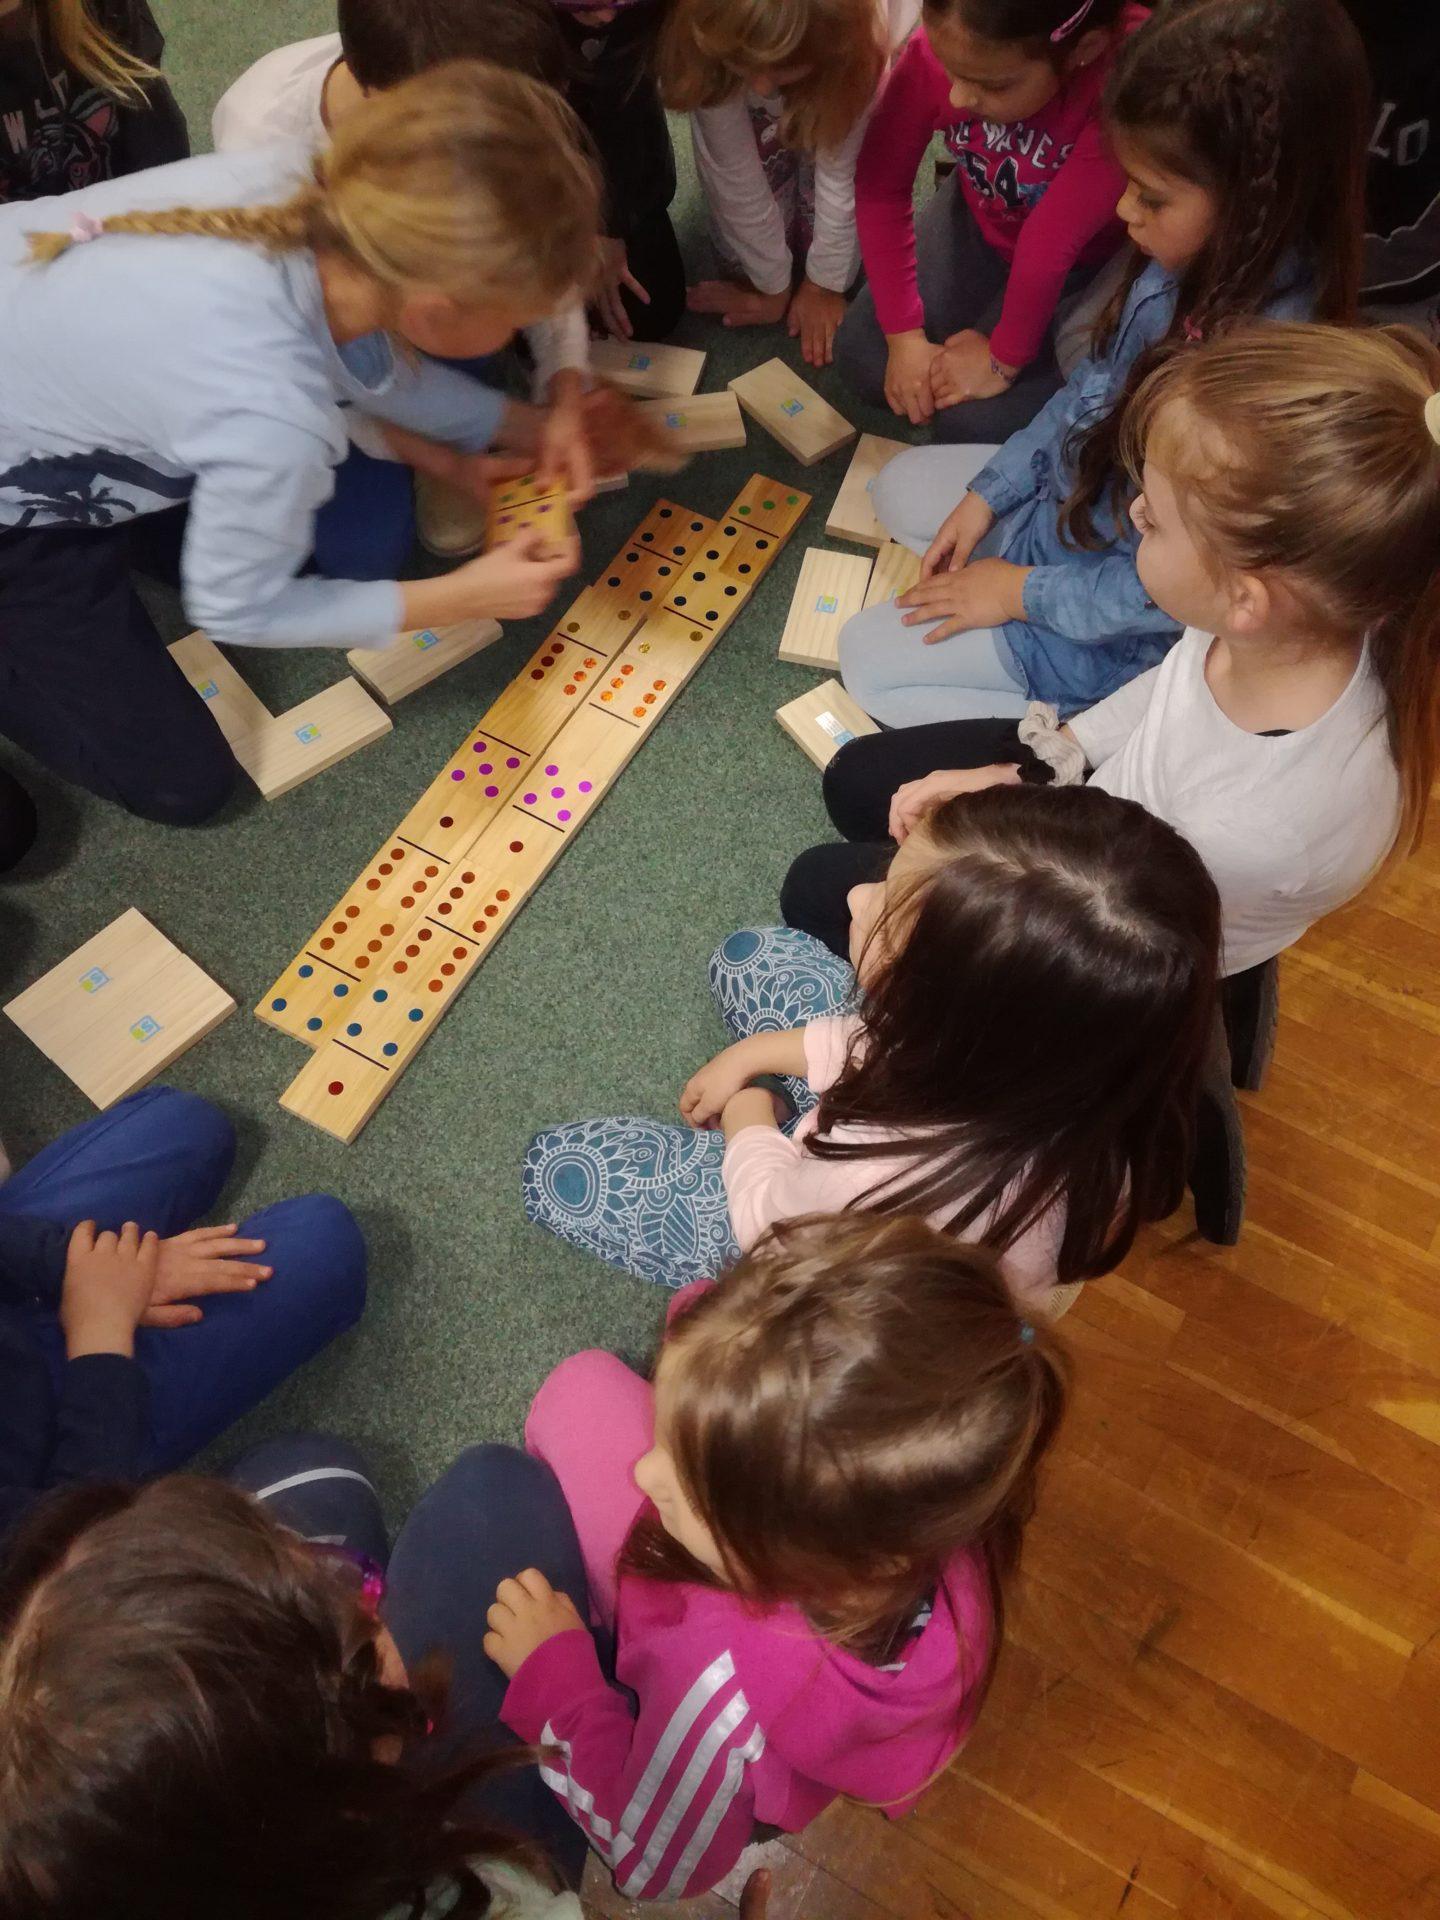 IMG 20200217 183623 - Pravljična urica in ustvarjalna delavnica za otroke od 4. leta dalje